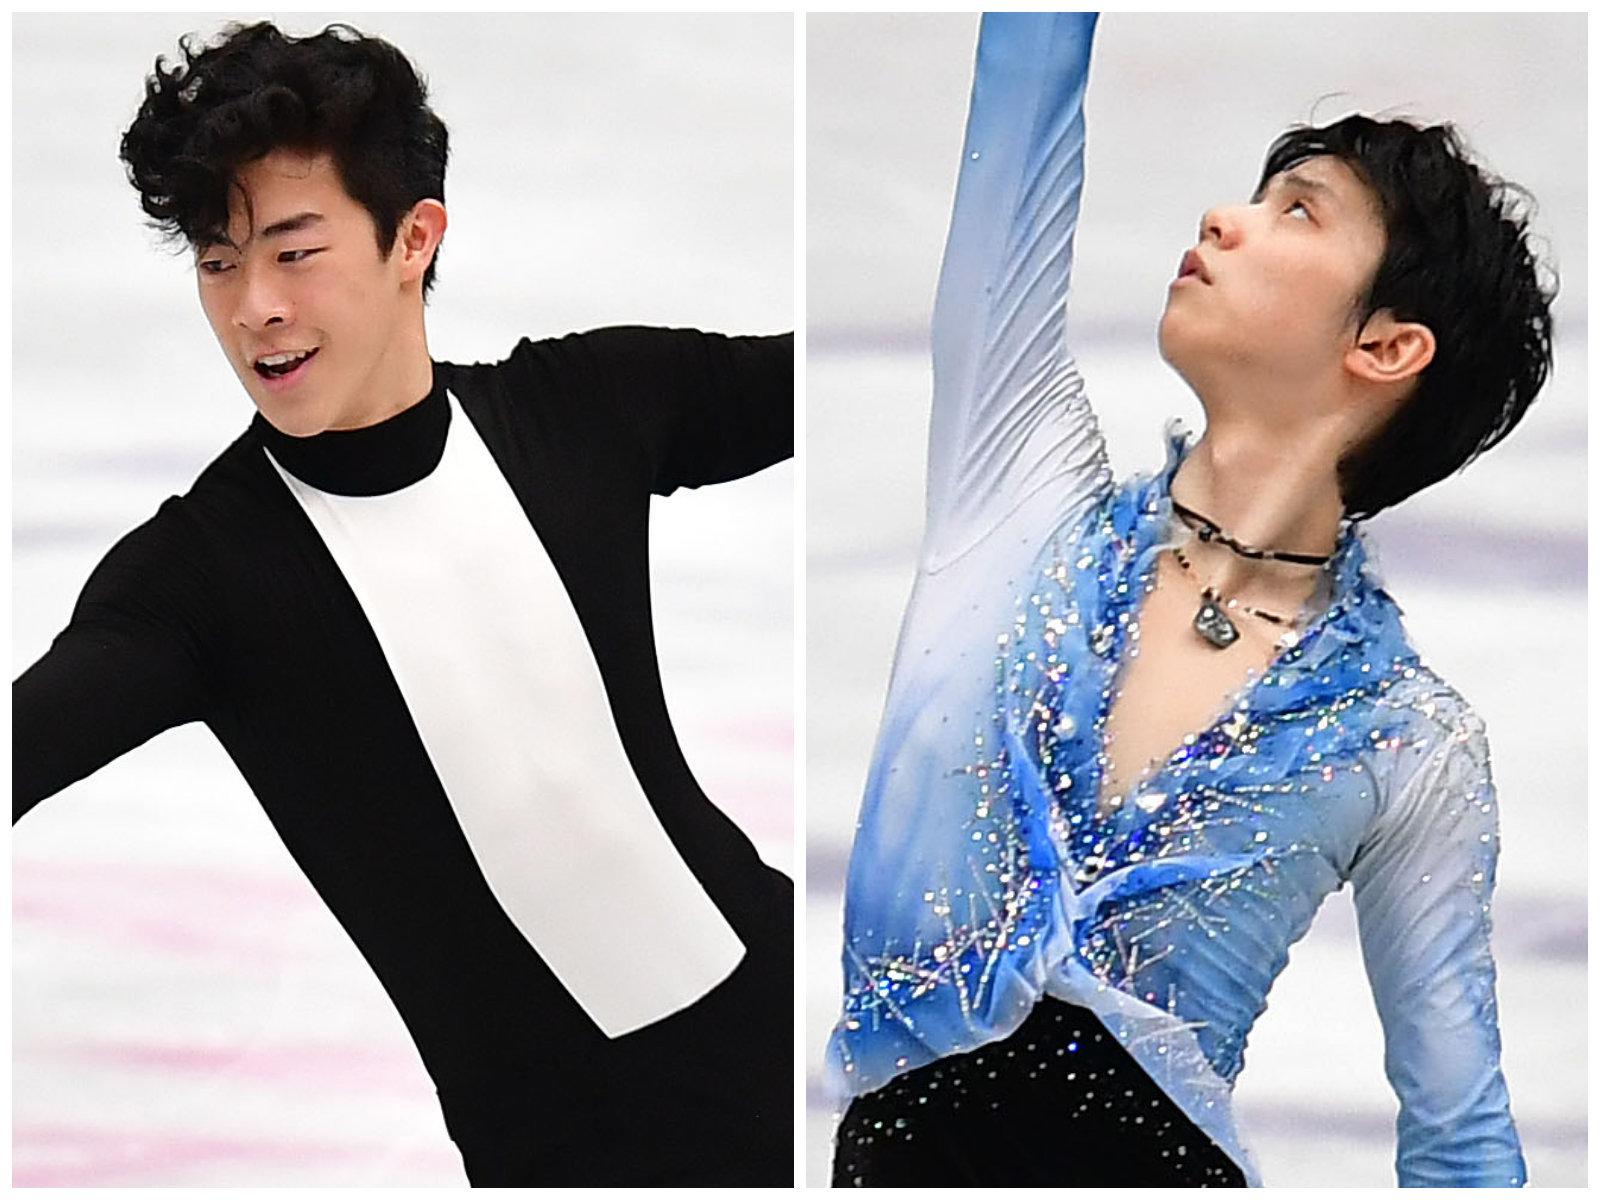 ネイサン・チェン(左)と羽生結弦(右)